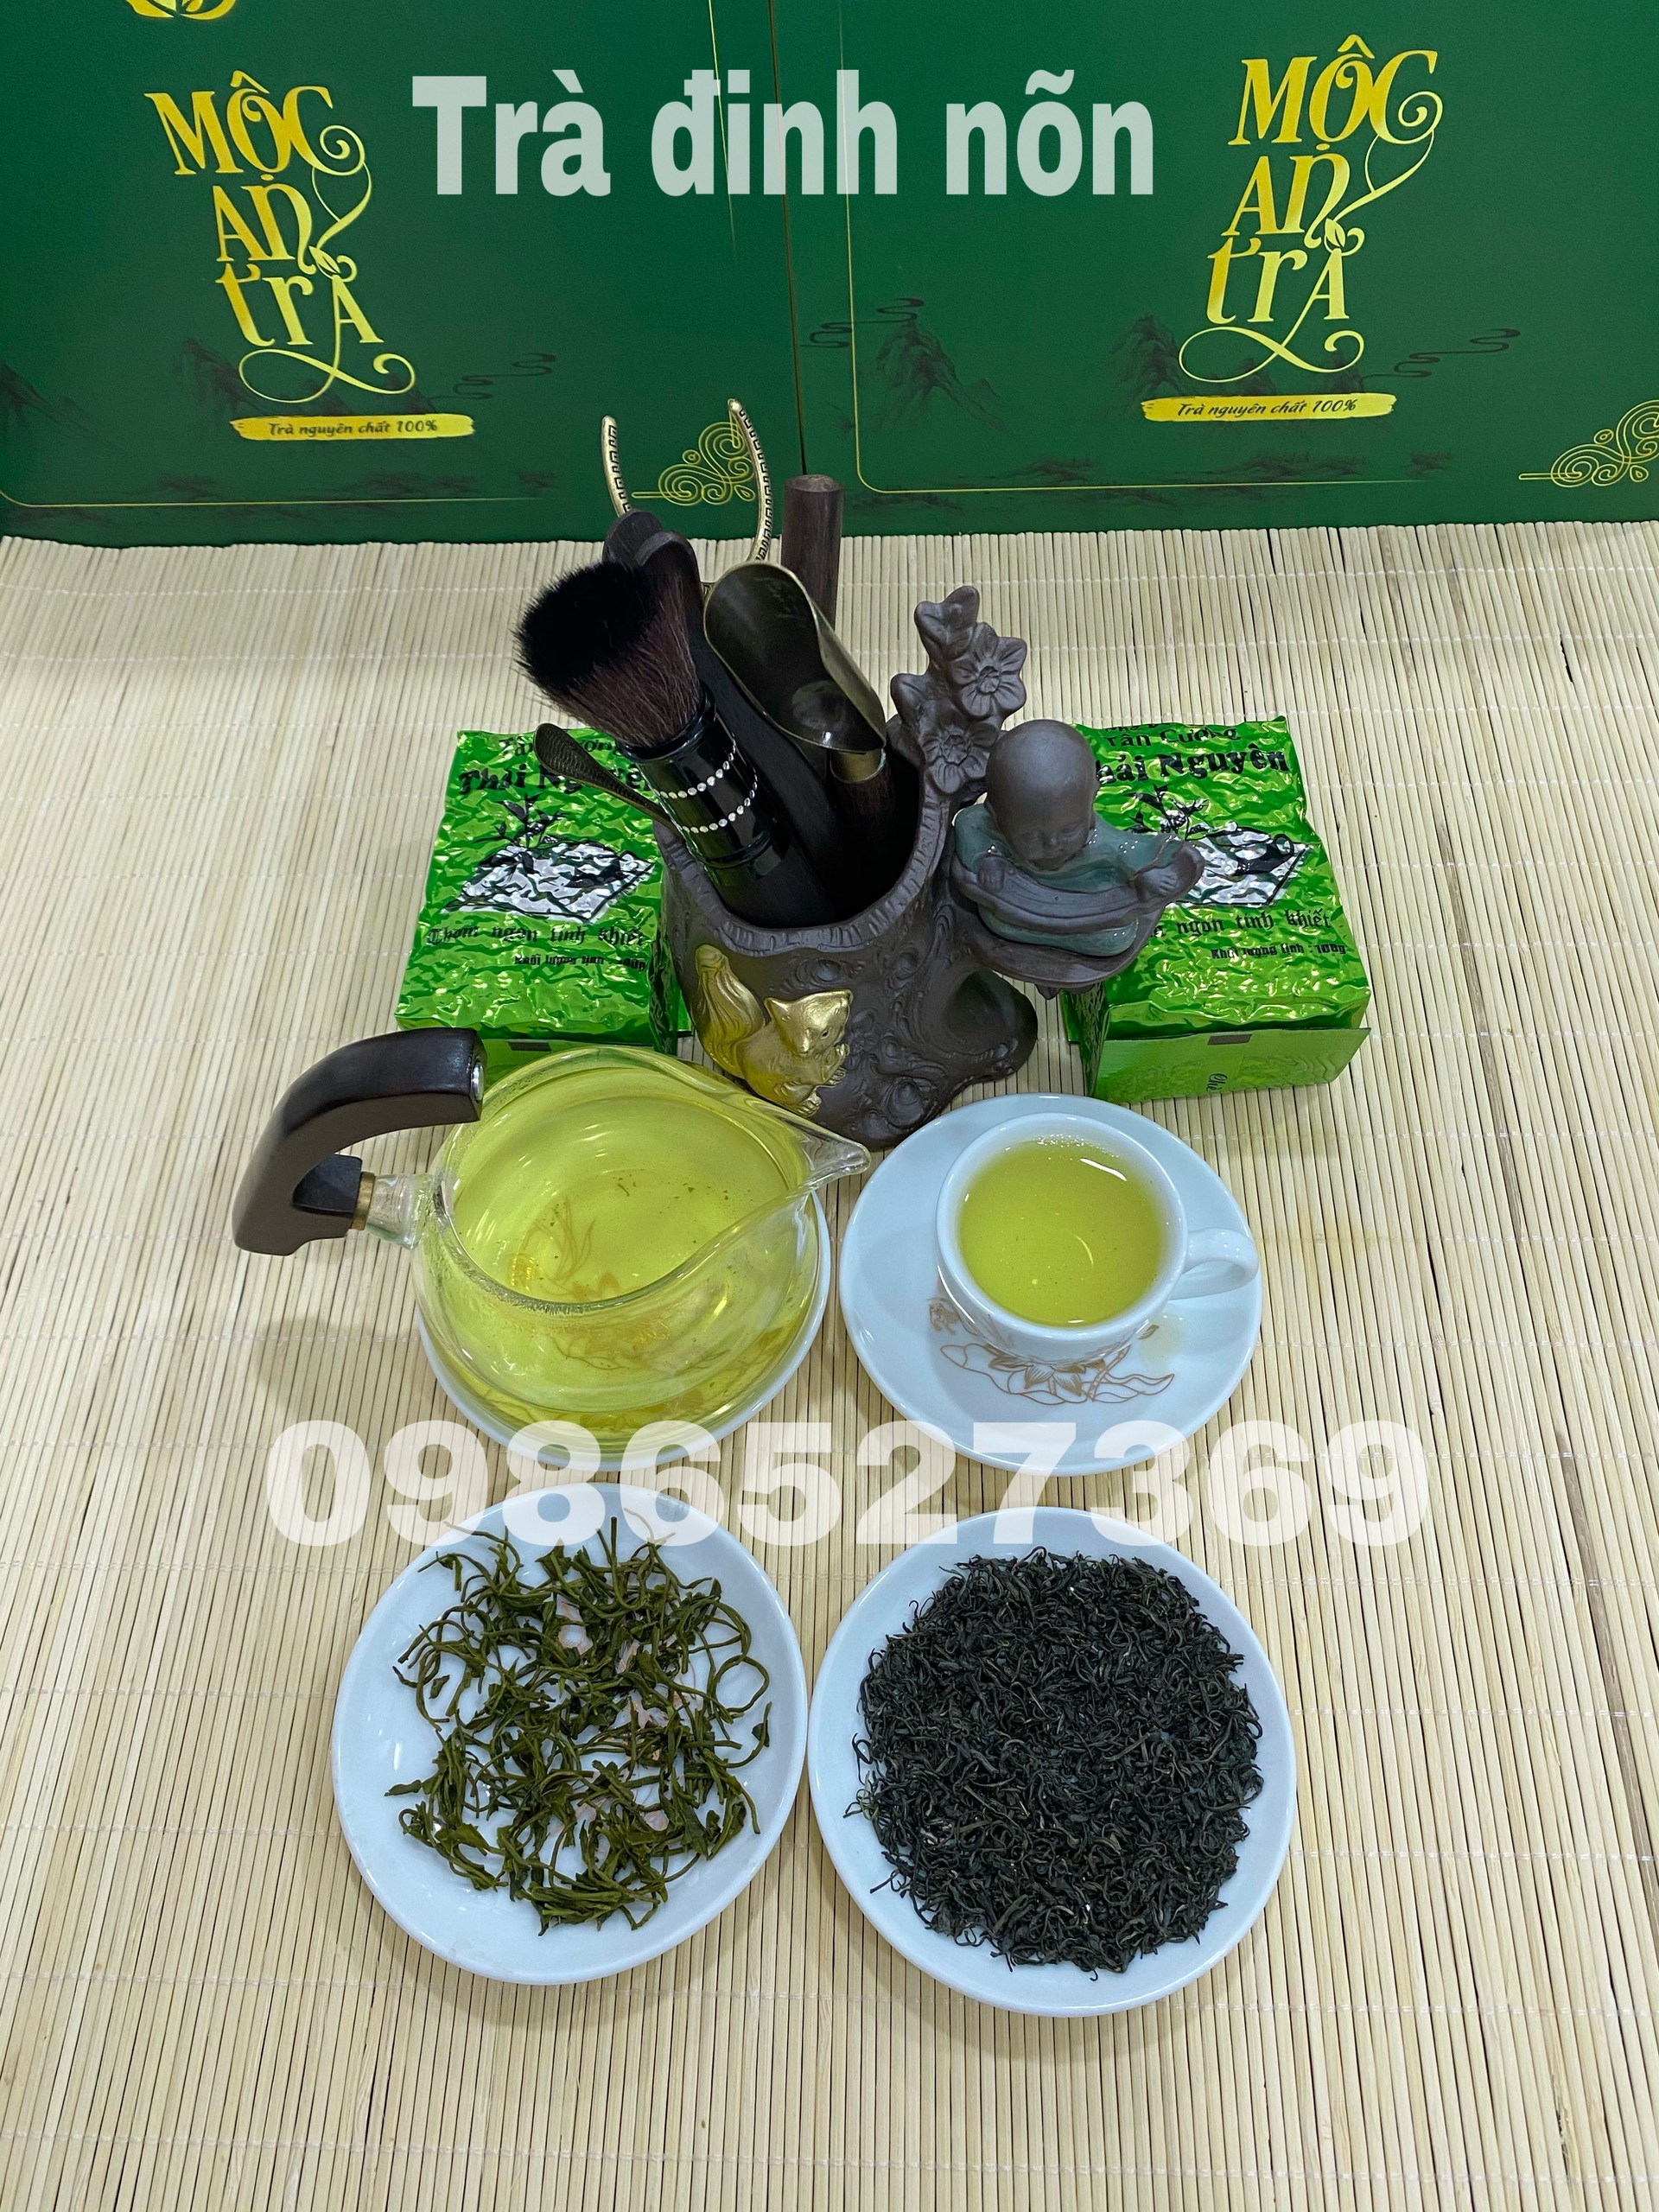 Chè Đinh Nõn 200 gram